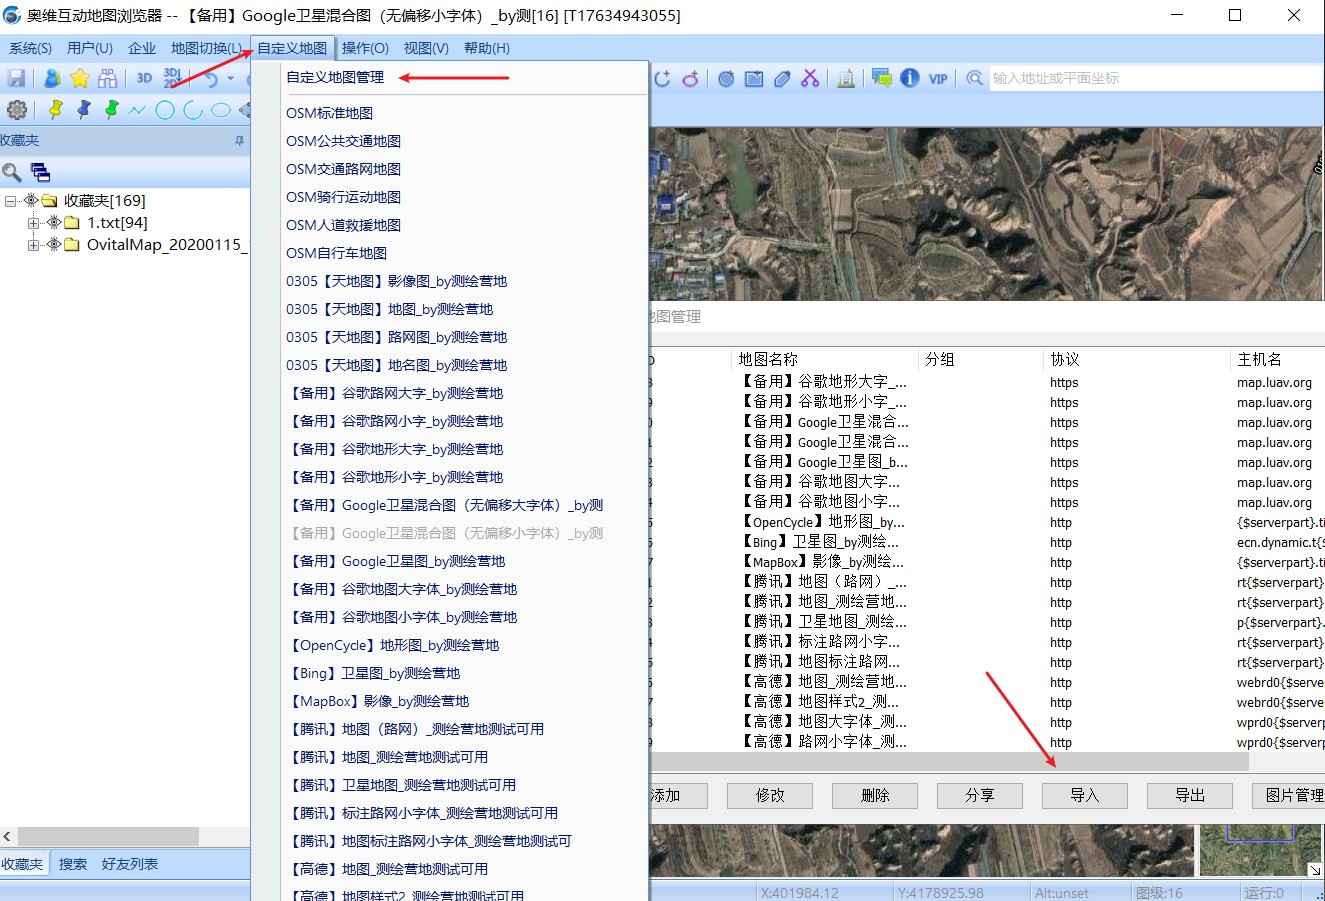 新版奥维地图如何使用谷歌影像-三石笔记